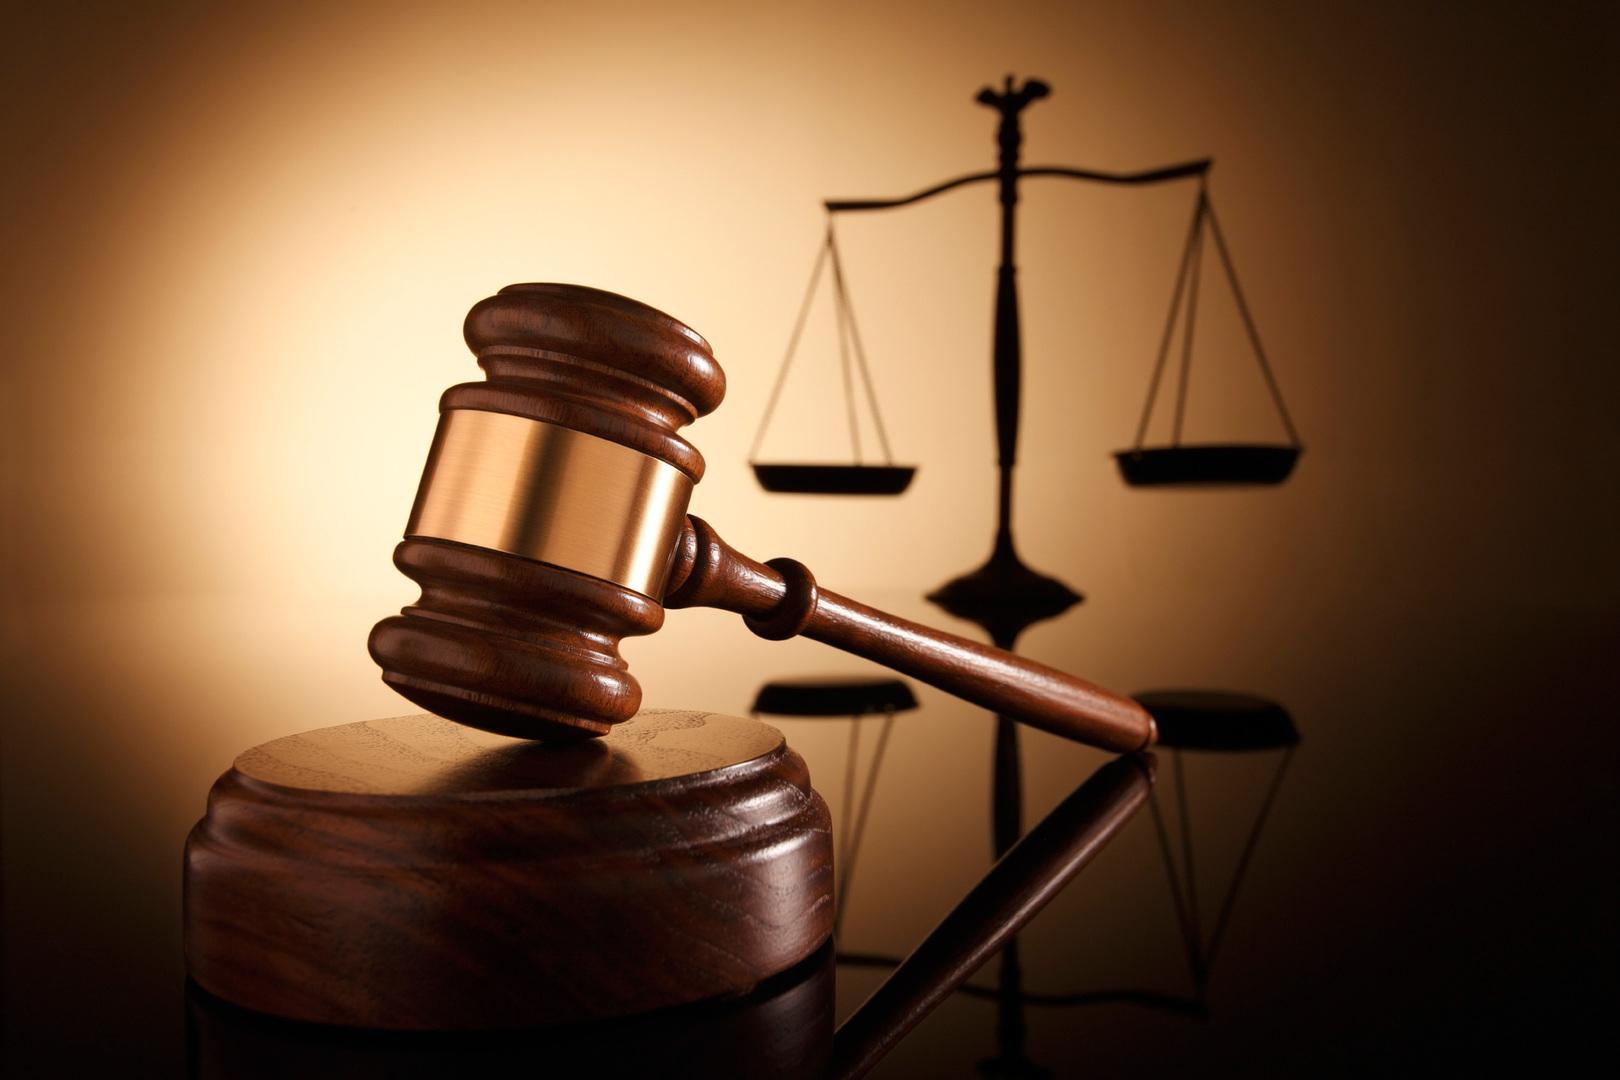 Tribunal paulista aceita 80% dos acordos extrajudiciais trabalhistas